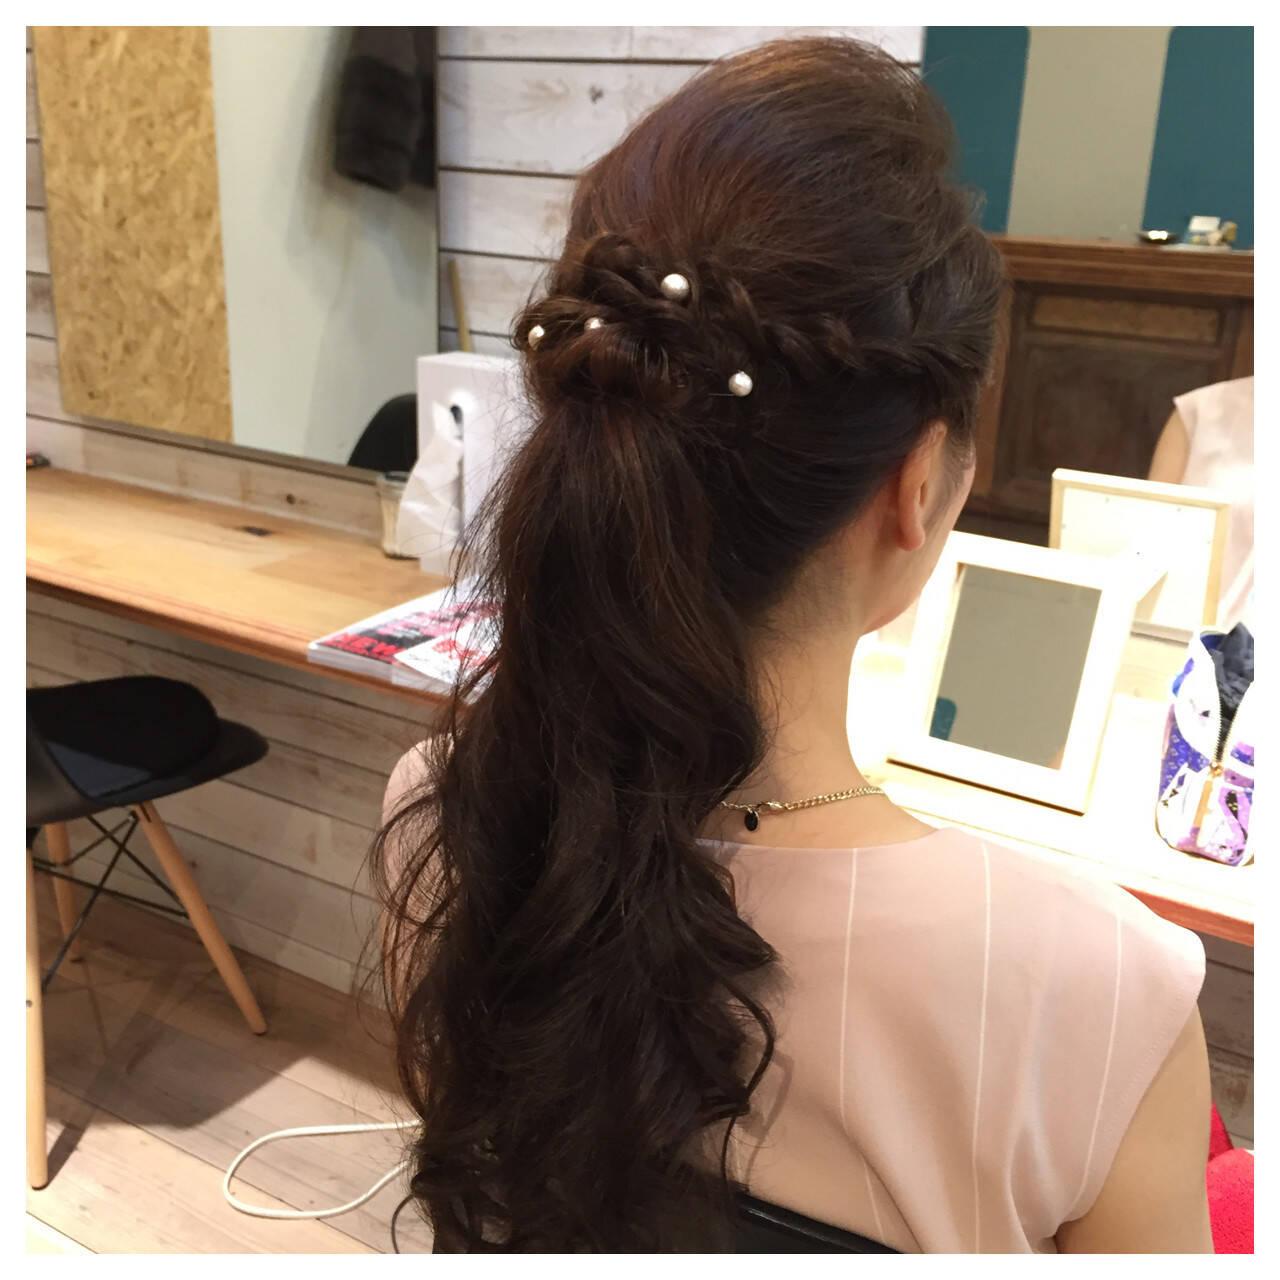 ポニーテール 編み込み ヘアアレンジ ロングヘアスタイルや髪型の写真・画像